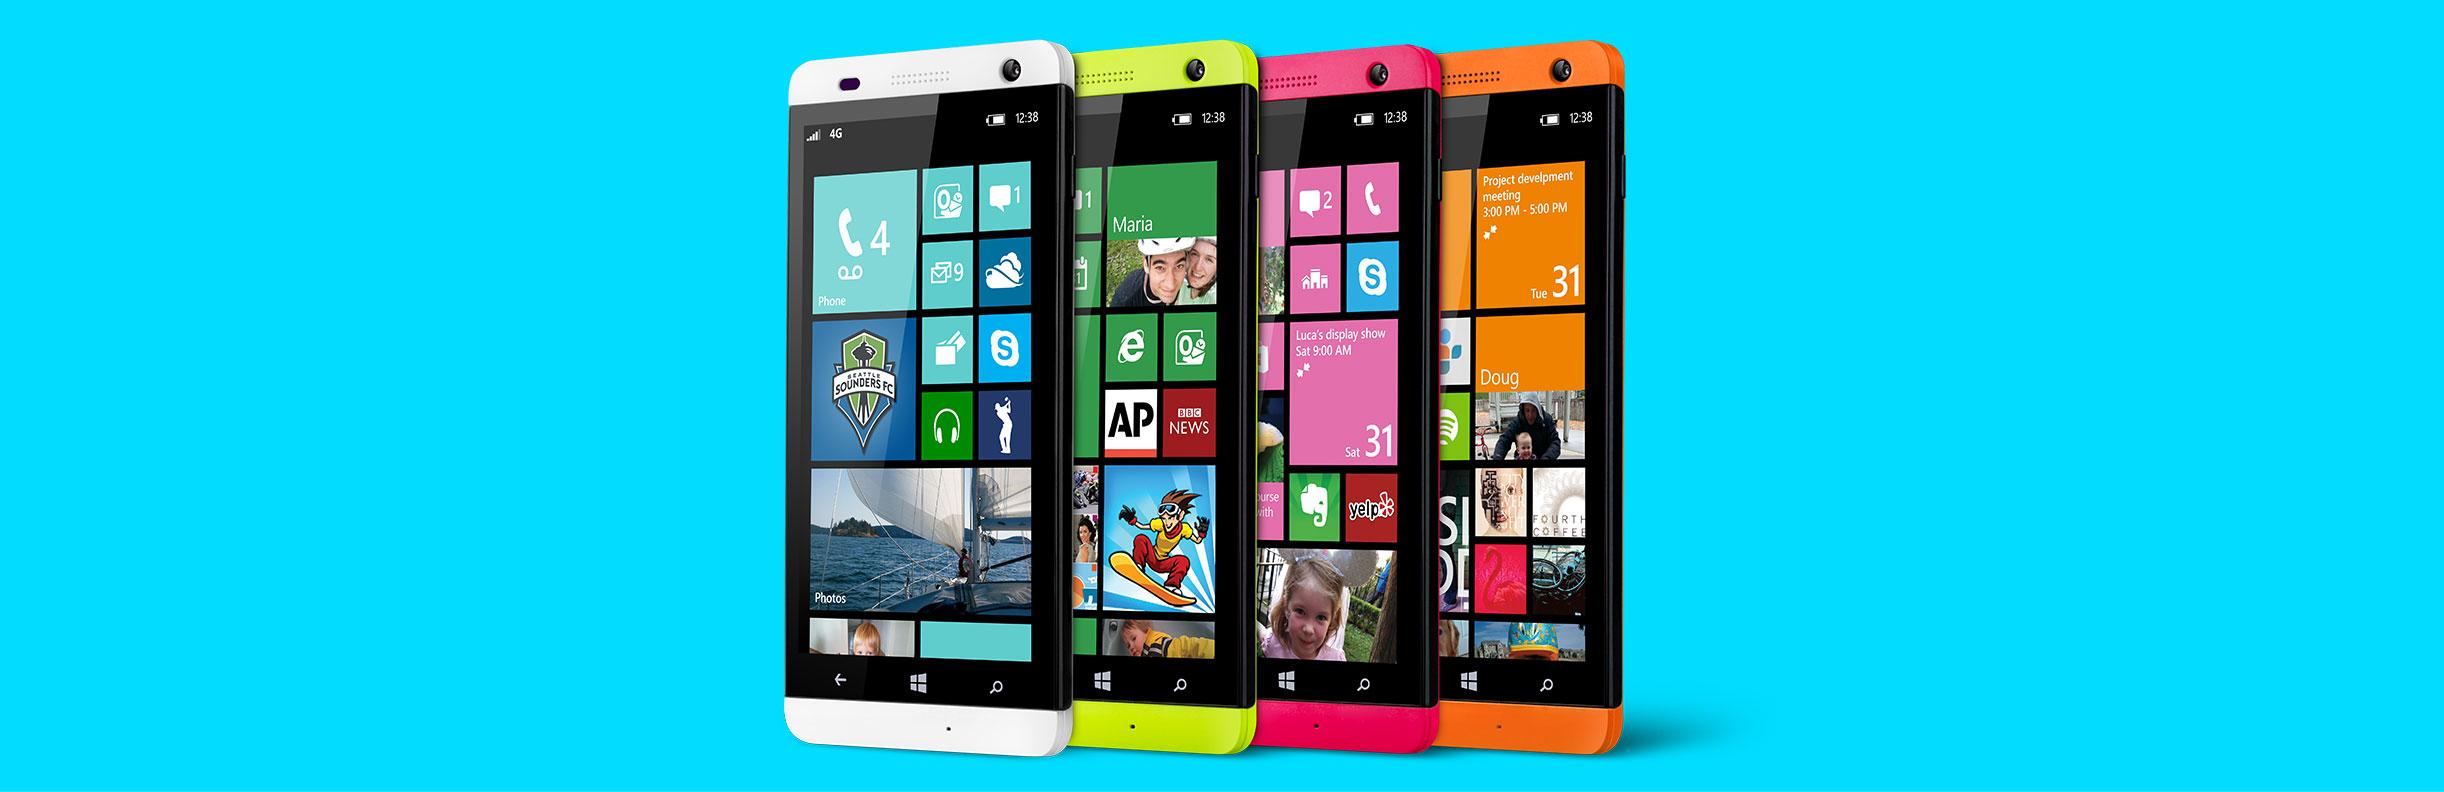 Cuidado, Nokia: BLU traz dois celulares com Windows Phone ao Brasil